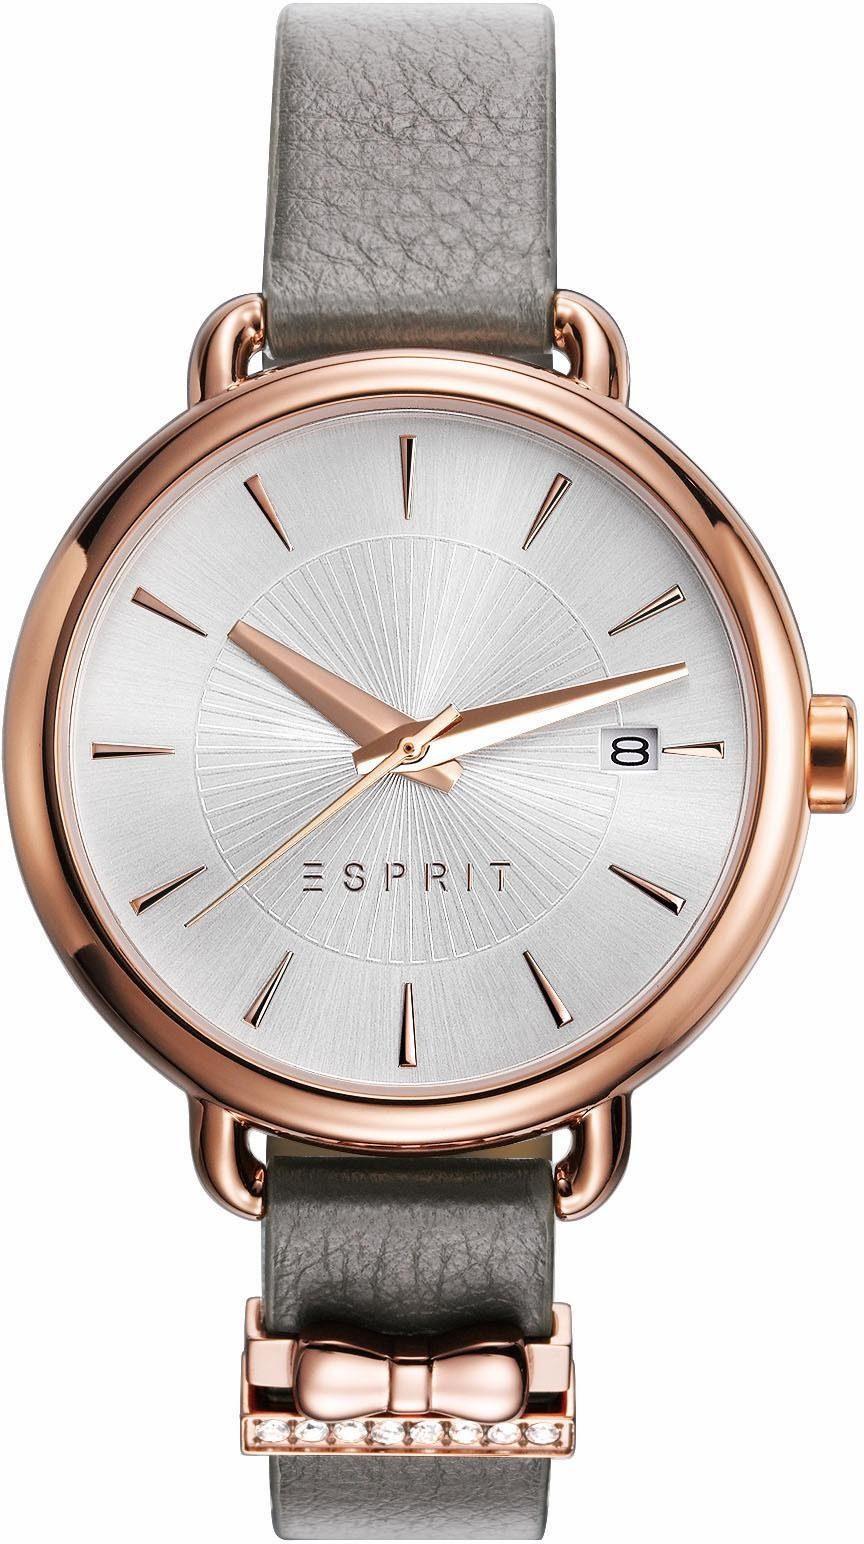 Esprit Quarzuhr »ESPRIT-TP10940 TAUPE, ES109402003«